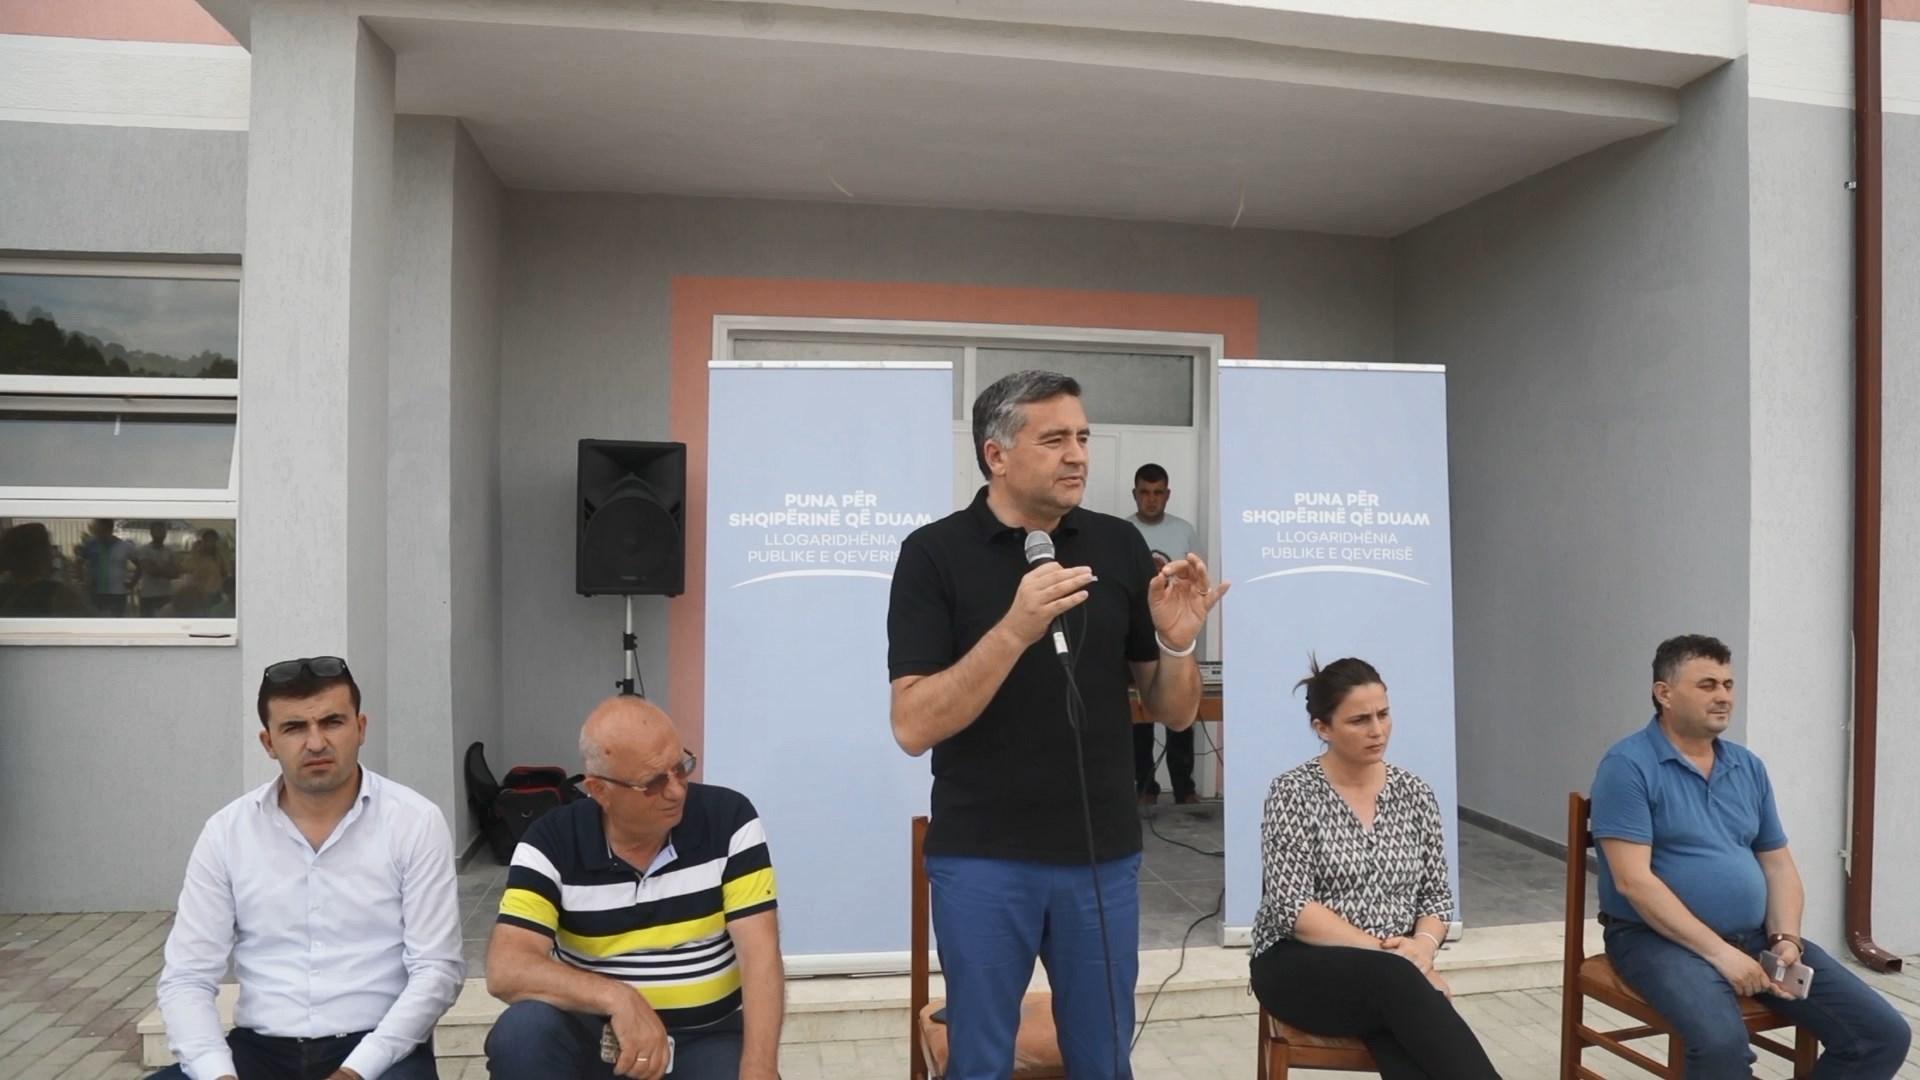 Klosi në Poshnjë e Kutalli të Urës Vajgurore: Përfitoni nga paketa fiskale